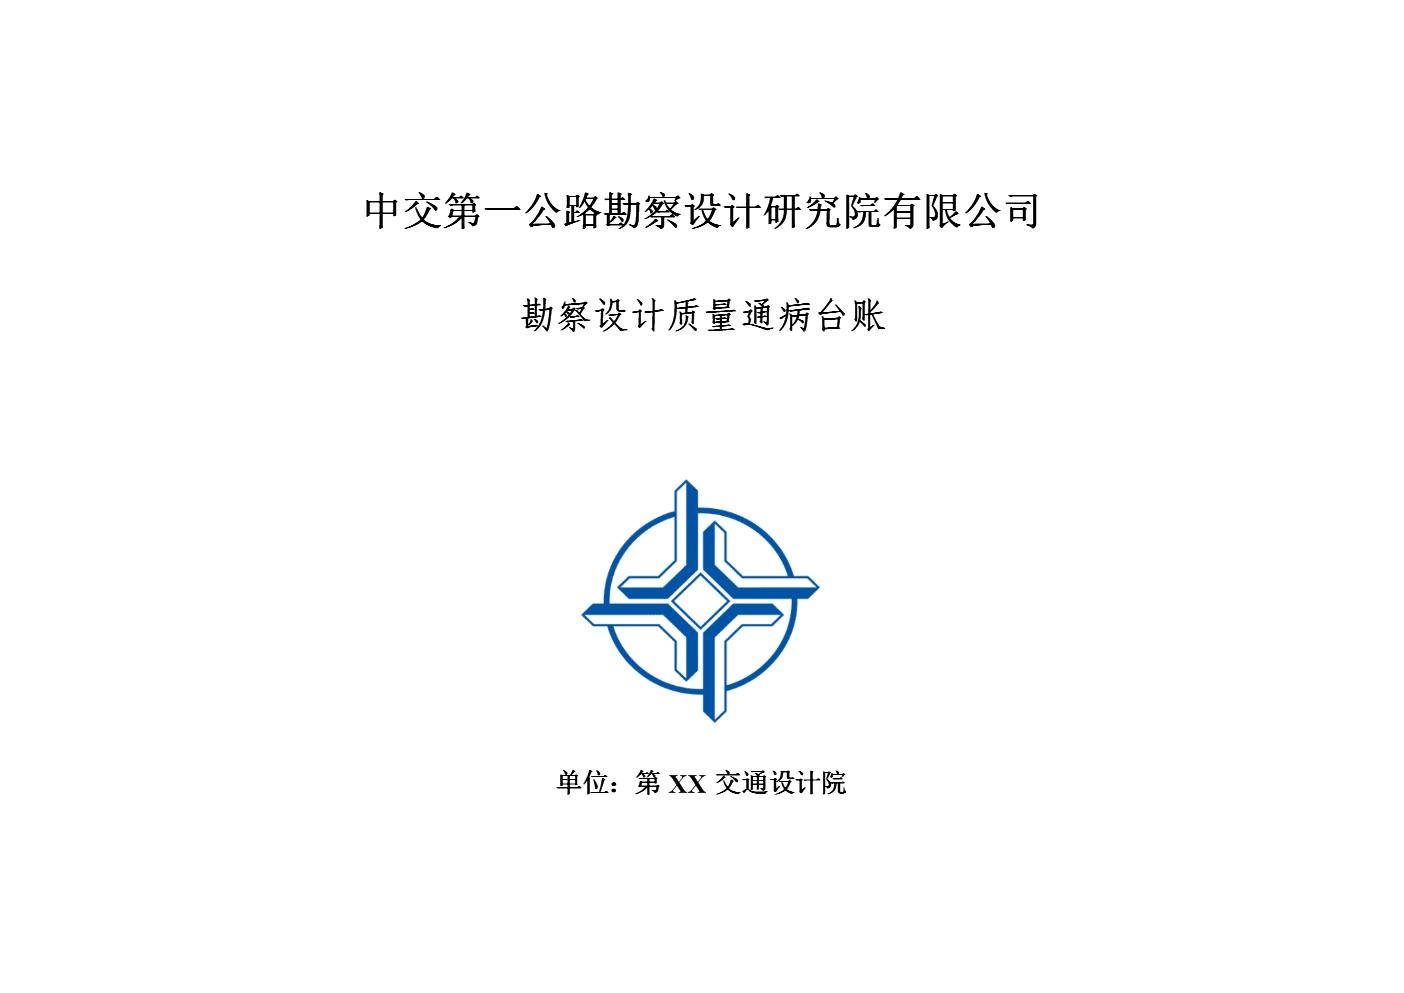 勘察设计质量通病台账[2].docx